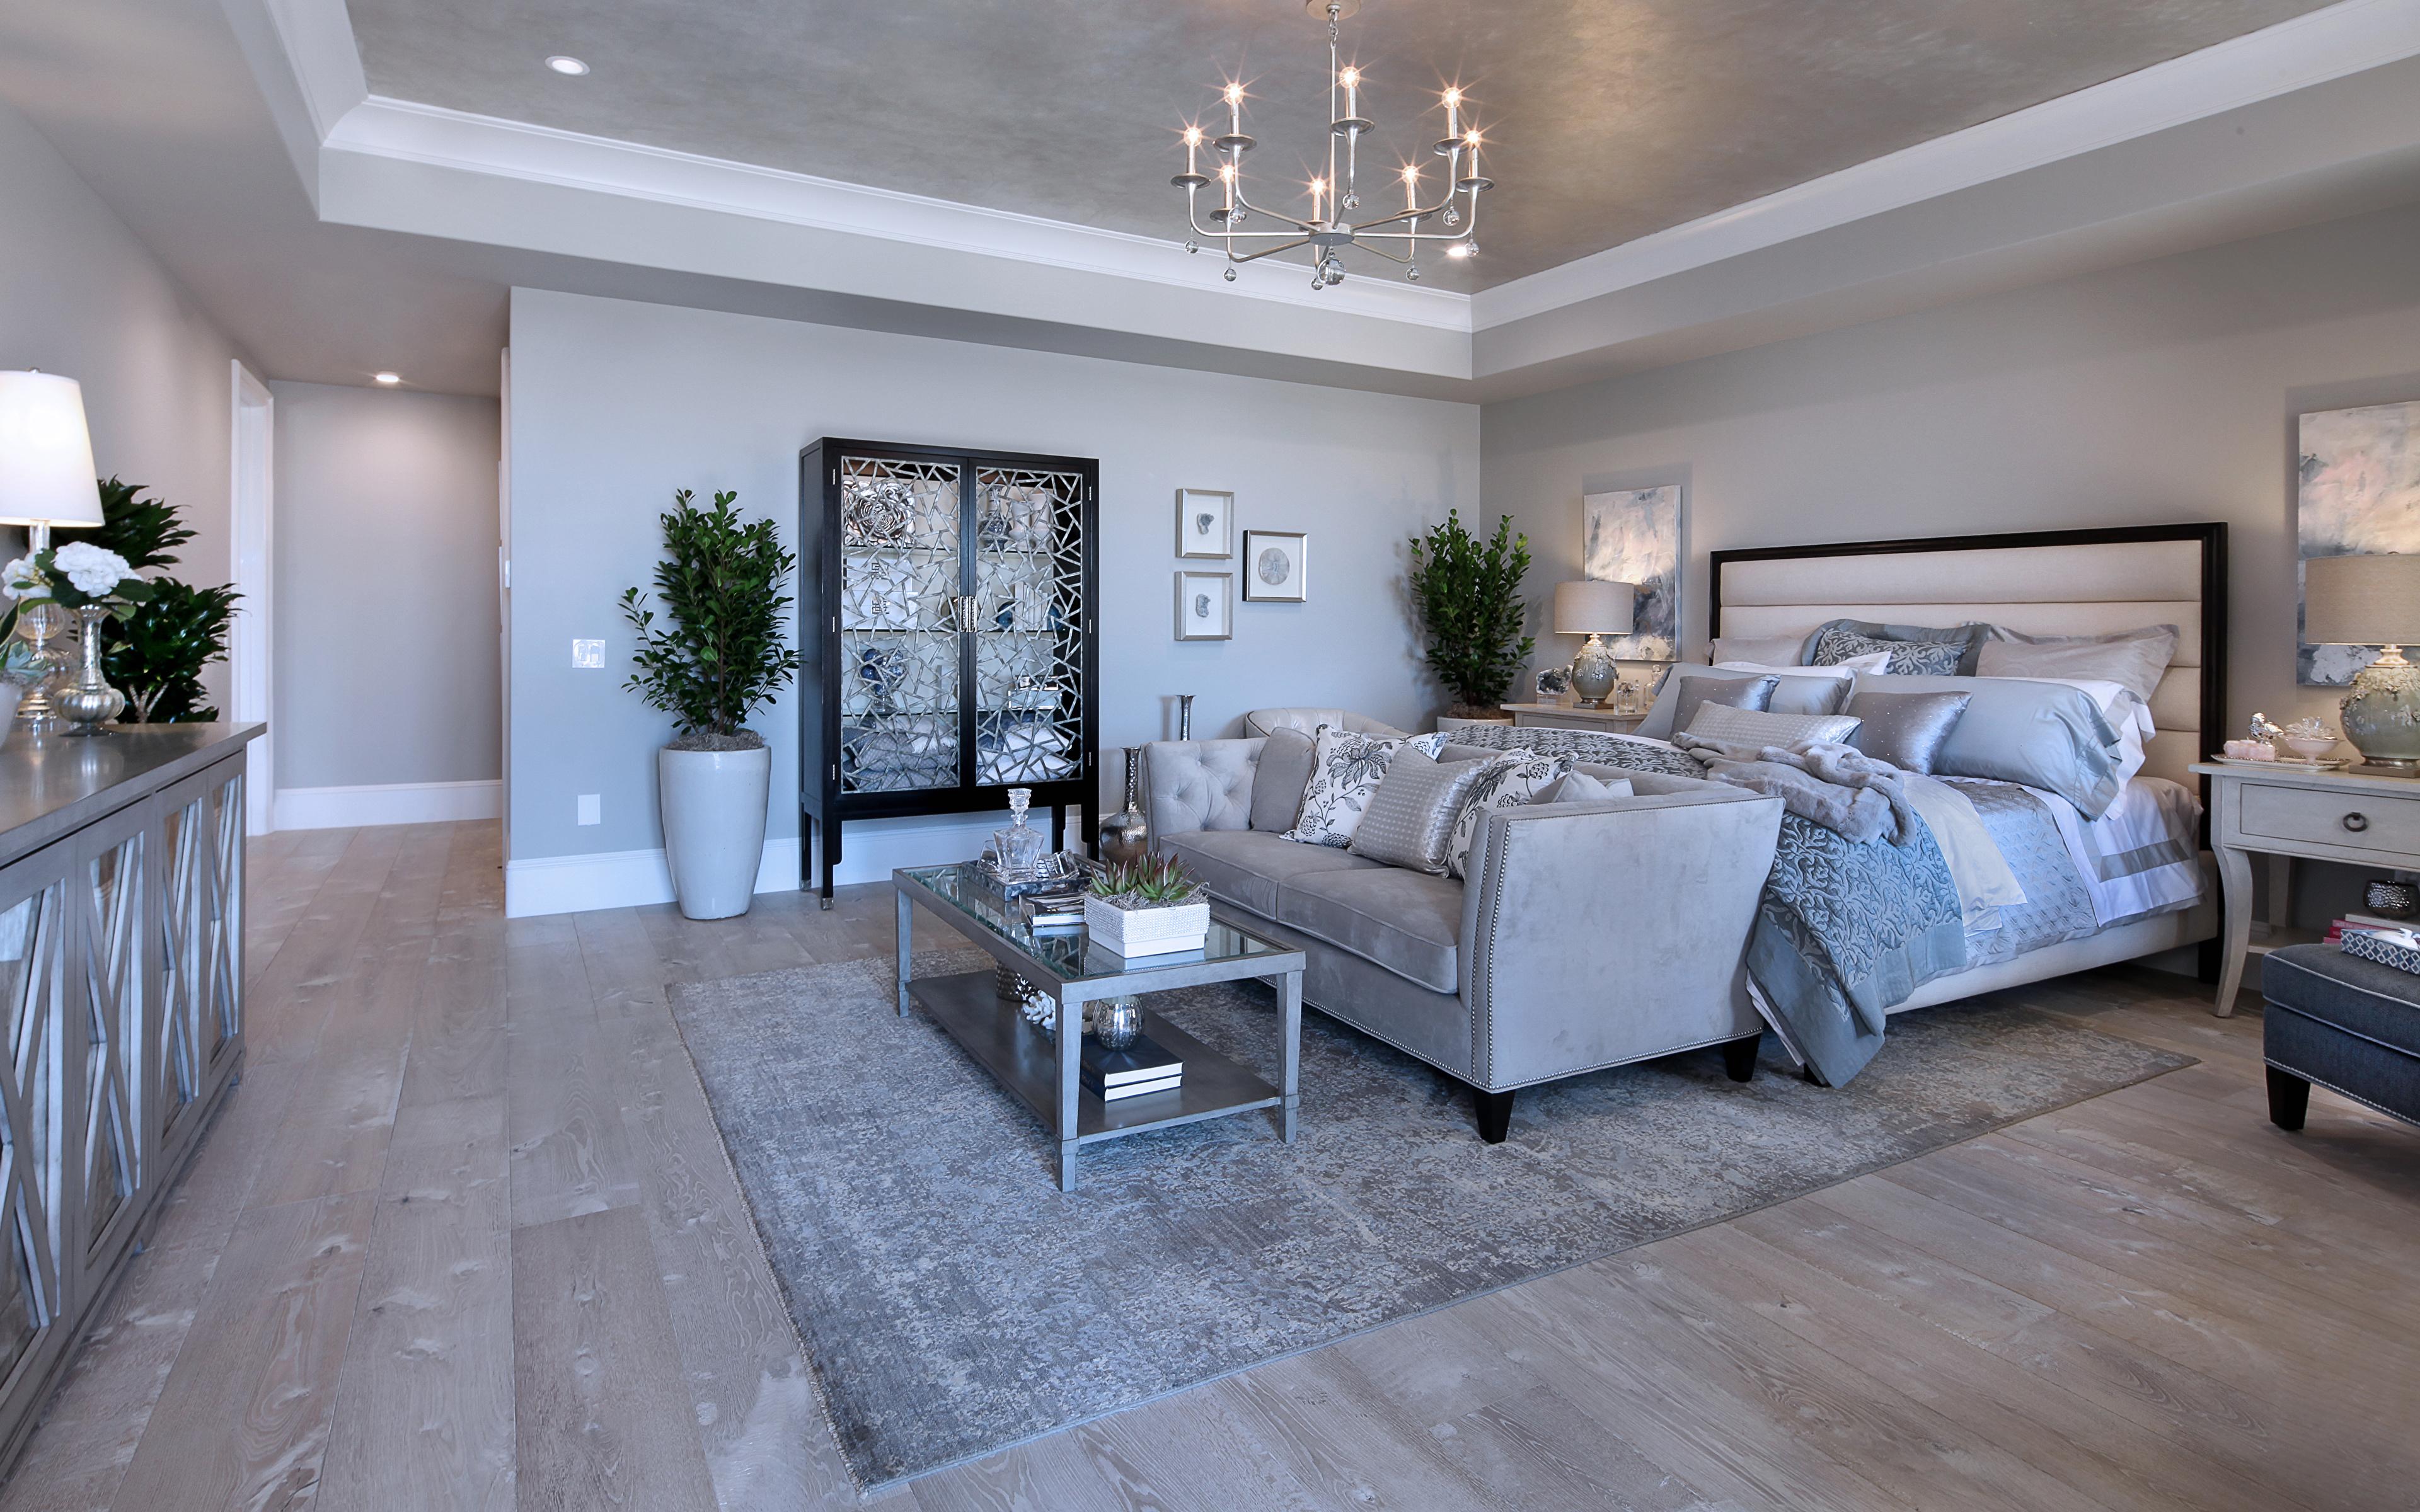 Bilder Schlafzimmer Innenarchitektur Bett Couch Teppich 3840x2400